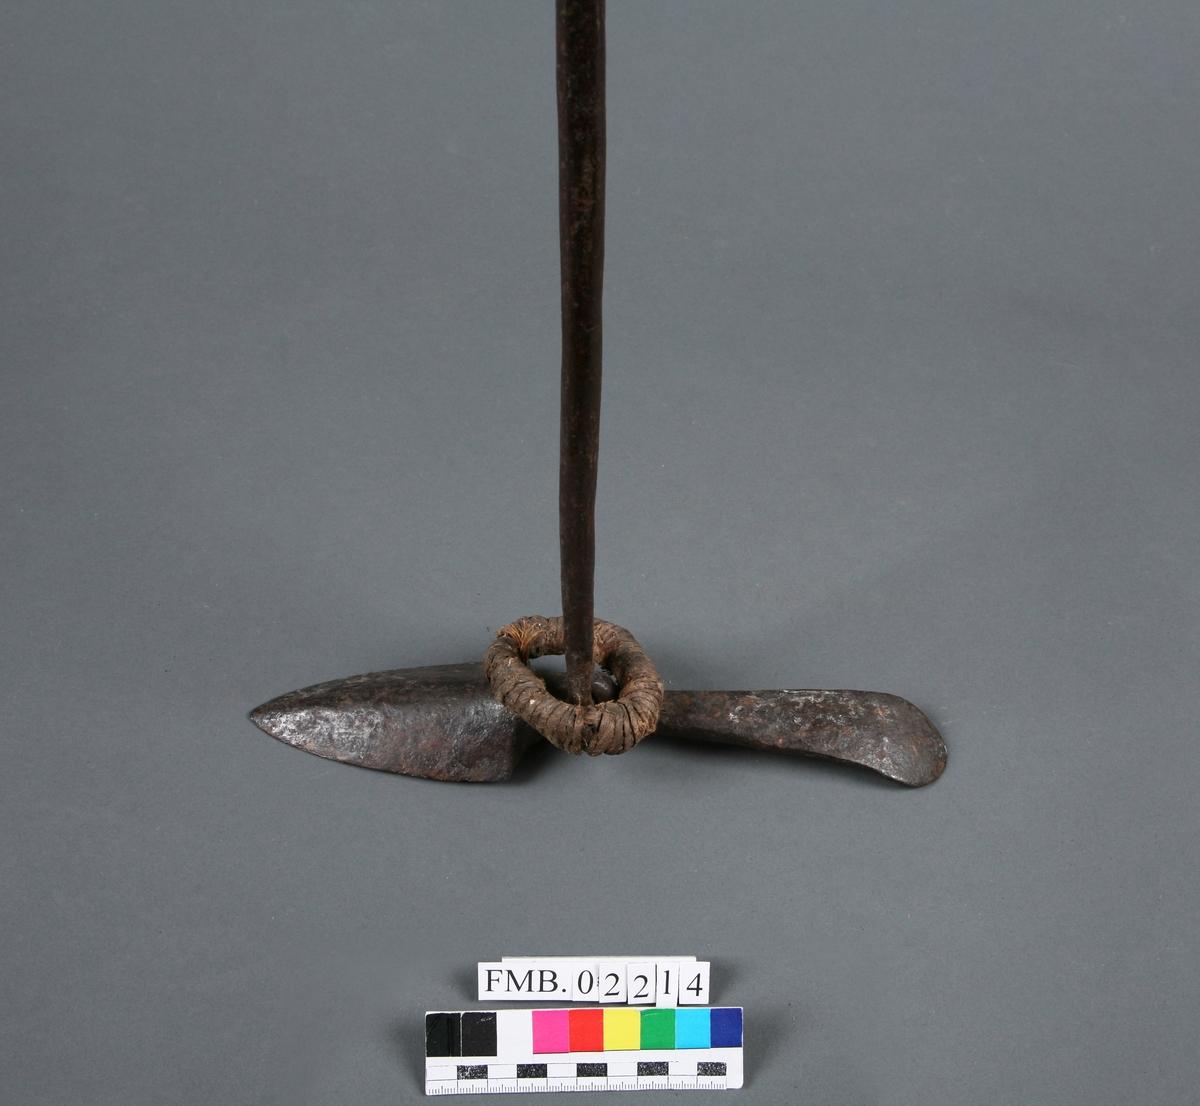 Håndharpun. Skjeformet mothake festet med øyefeste. Enden av harpunen er traktformet med hull til feste feste for skaft. 2 ringer av hamp, surret med strie.